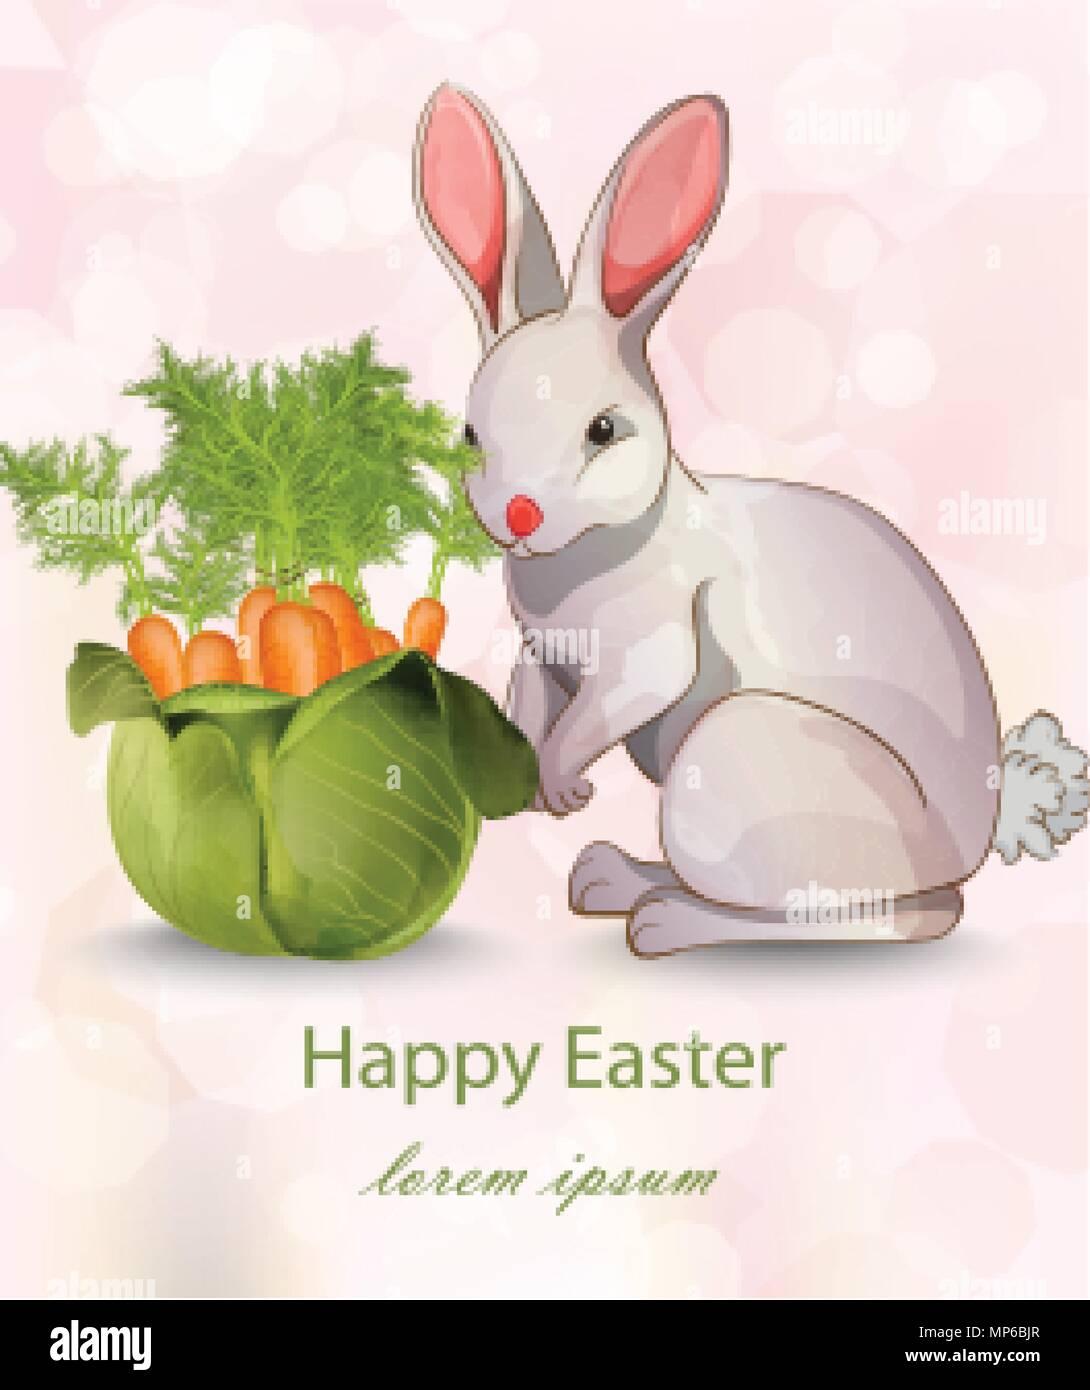 Frohe Ostern Karte.Frohe Ostern Karte Mit Kaninchen Und Karotten Vektor Grune